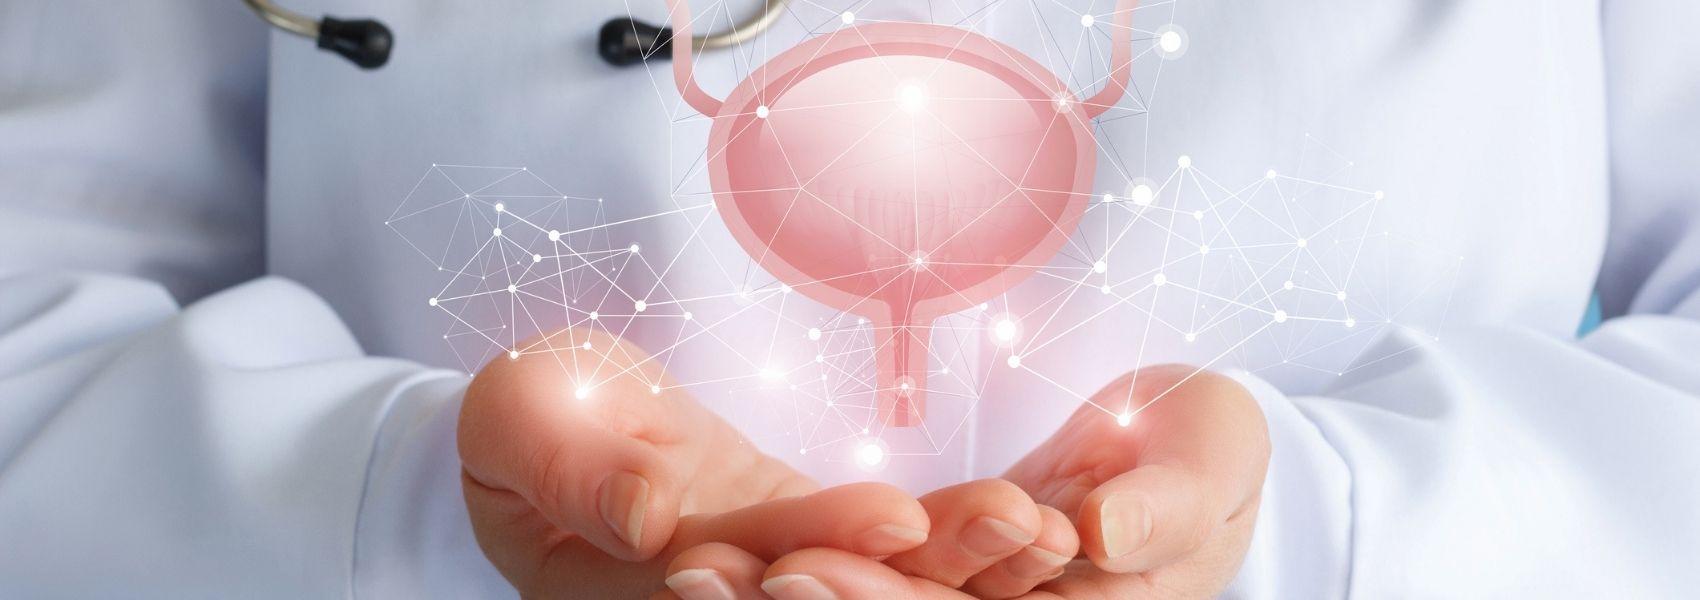 Cancro da bexiga: o que é e como identificar